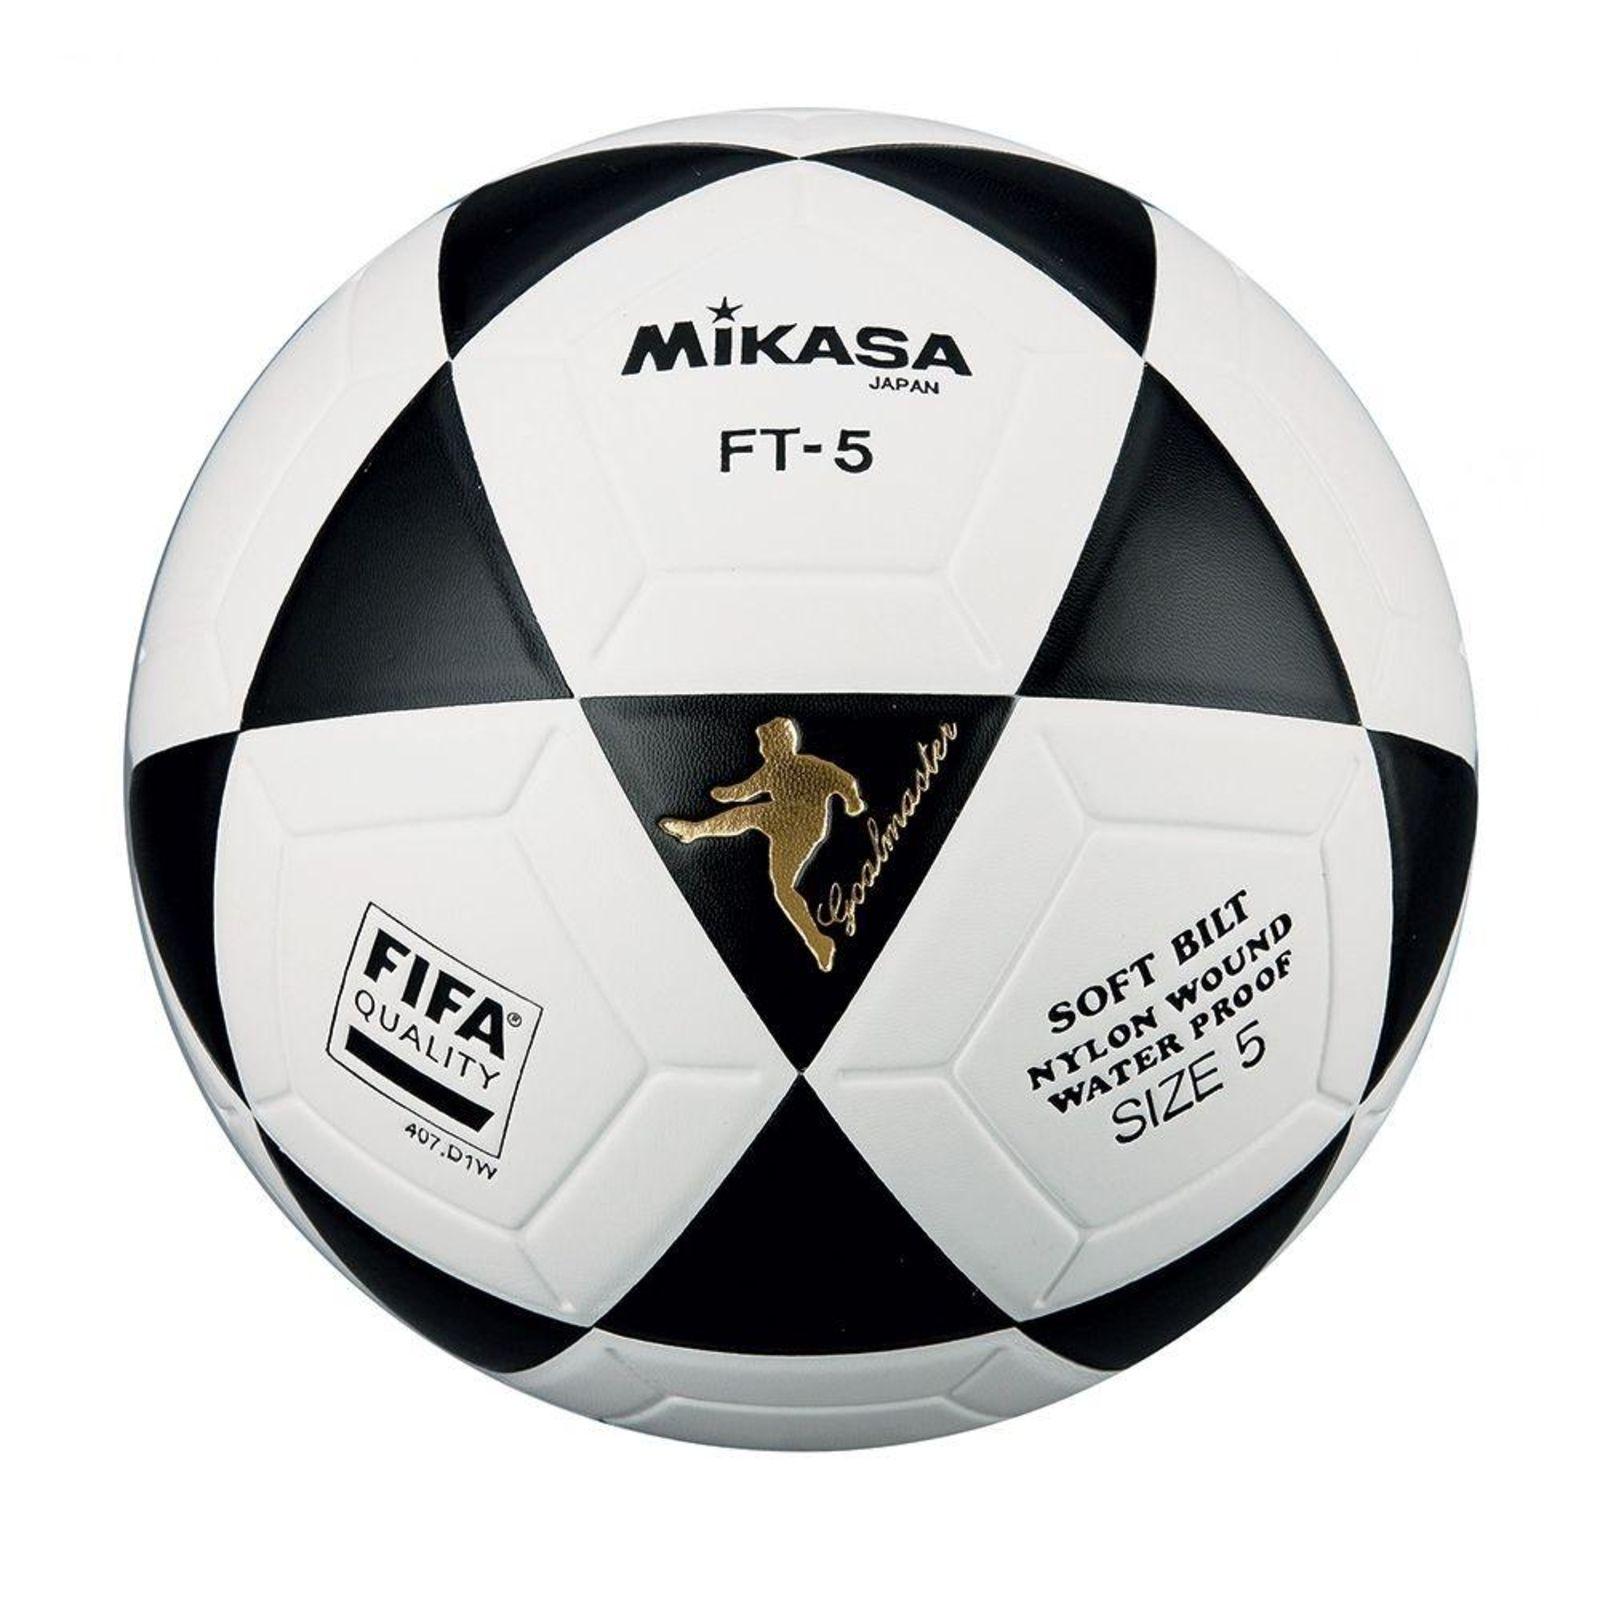 Bola Futevolei Mikasa Fifa Ft 5 Branca Mikasa Fifa Bola